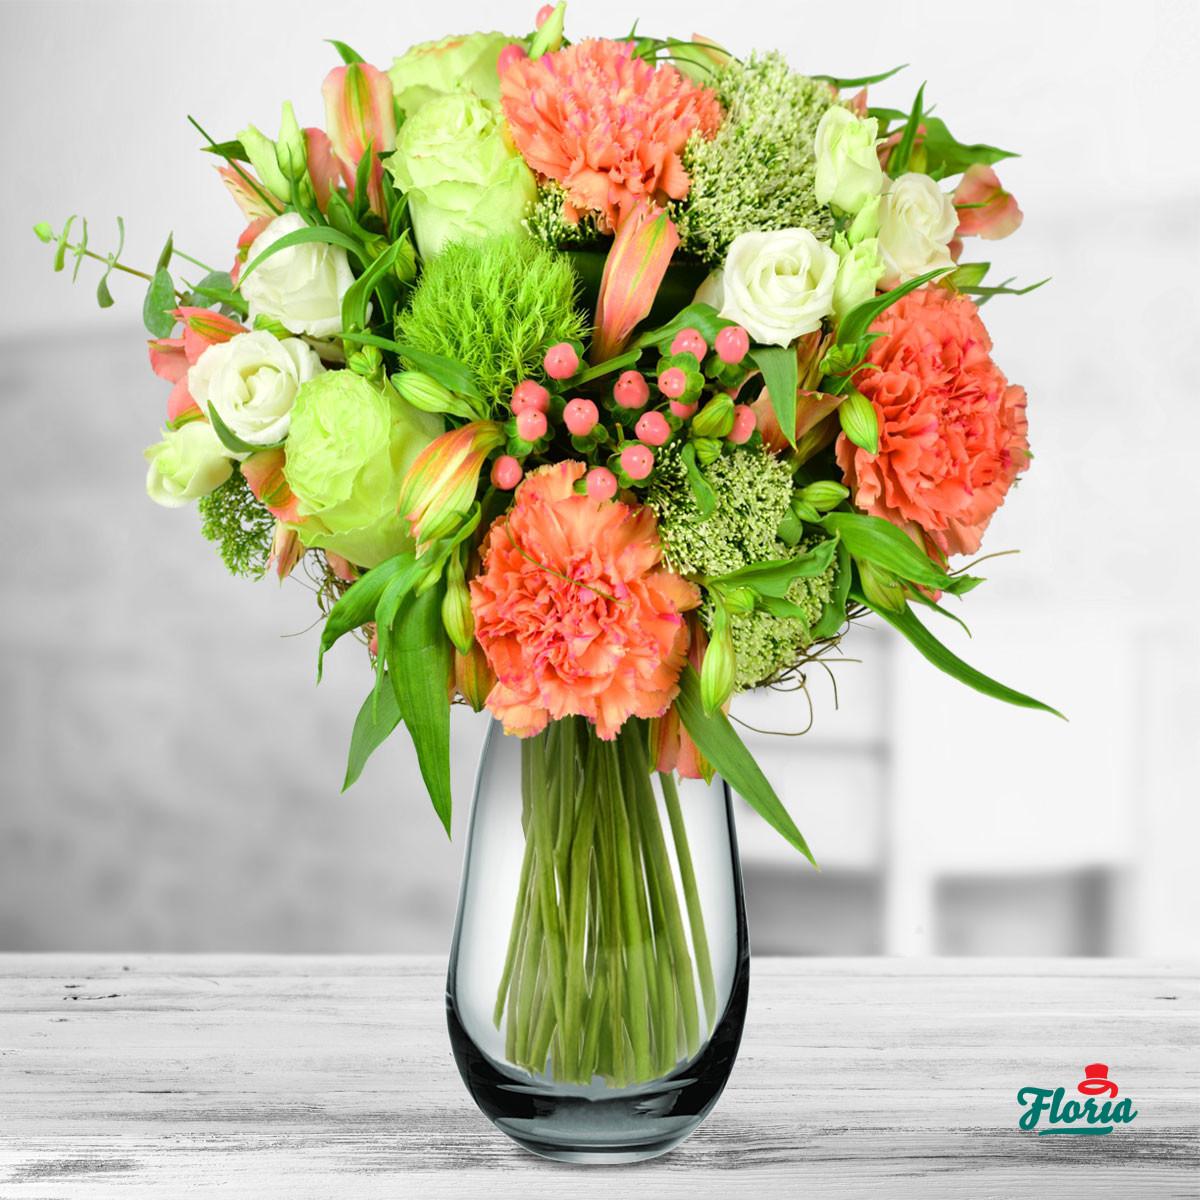 8 buchete Floria ideale pentru celebrarea Zilei Familiei